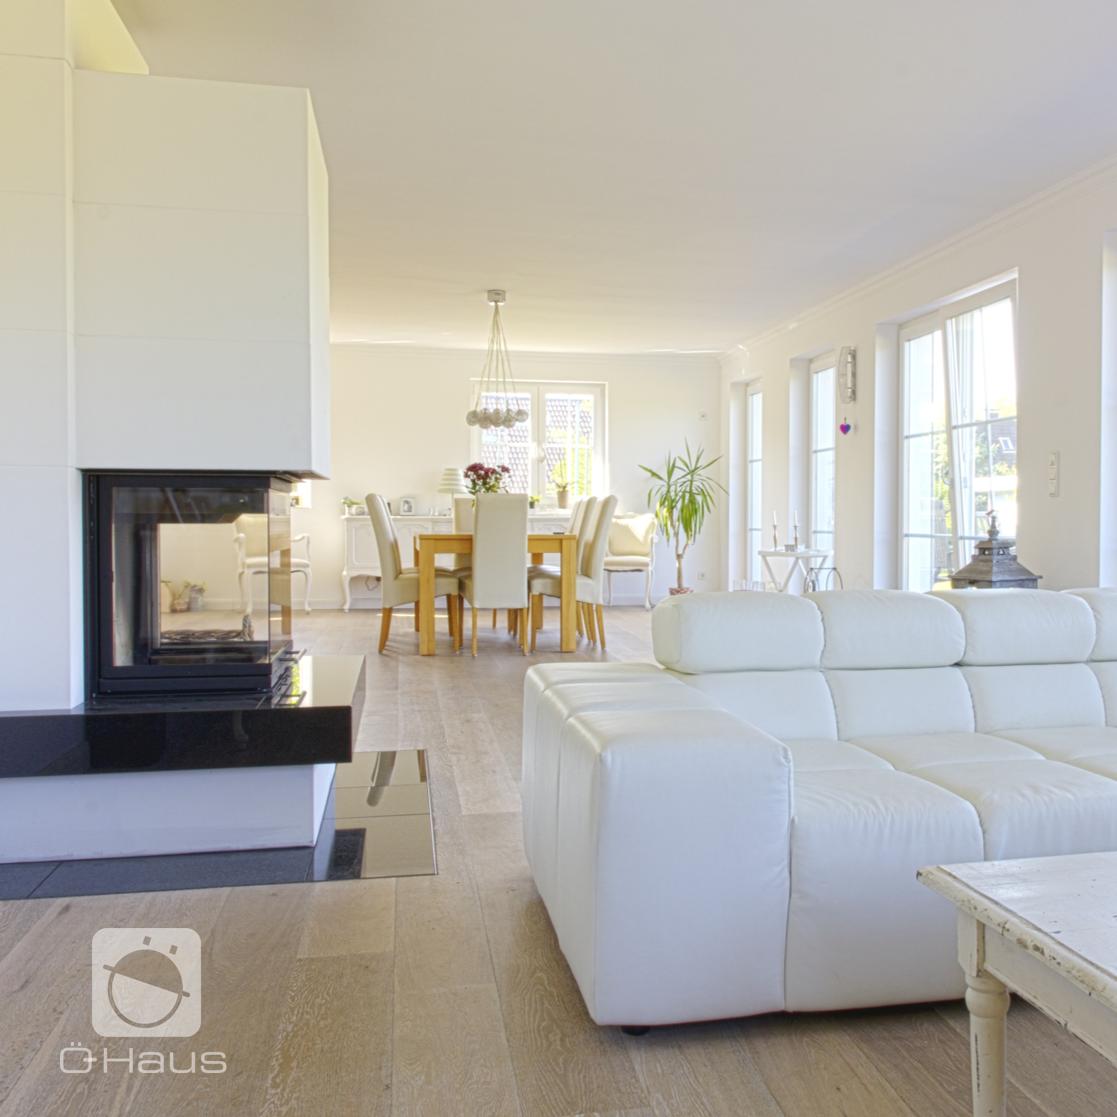 sch nes gro es und lichtdurchflutetes wohnzimmer mit vielen fenstern und modernem kamin. Black Bedroom Furniture Sets. Home Design Ideas